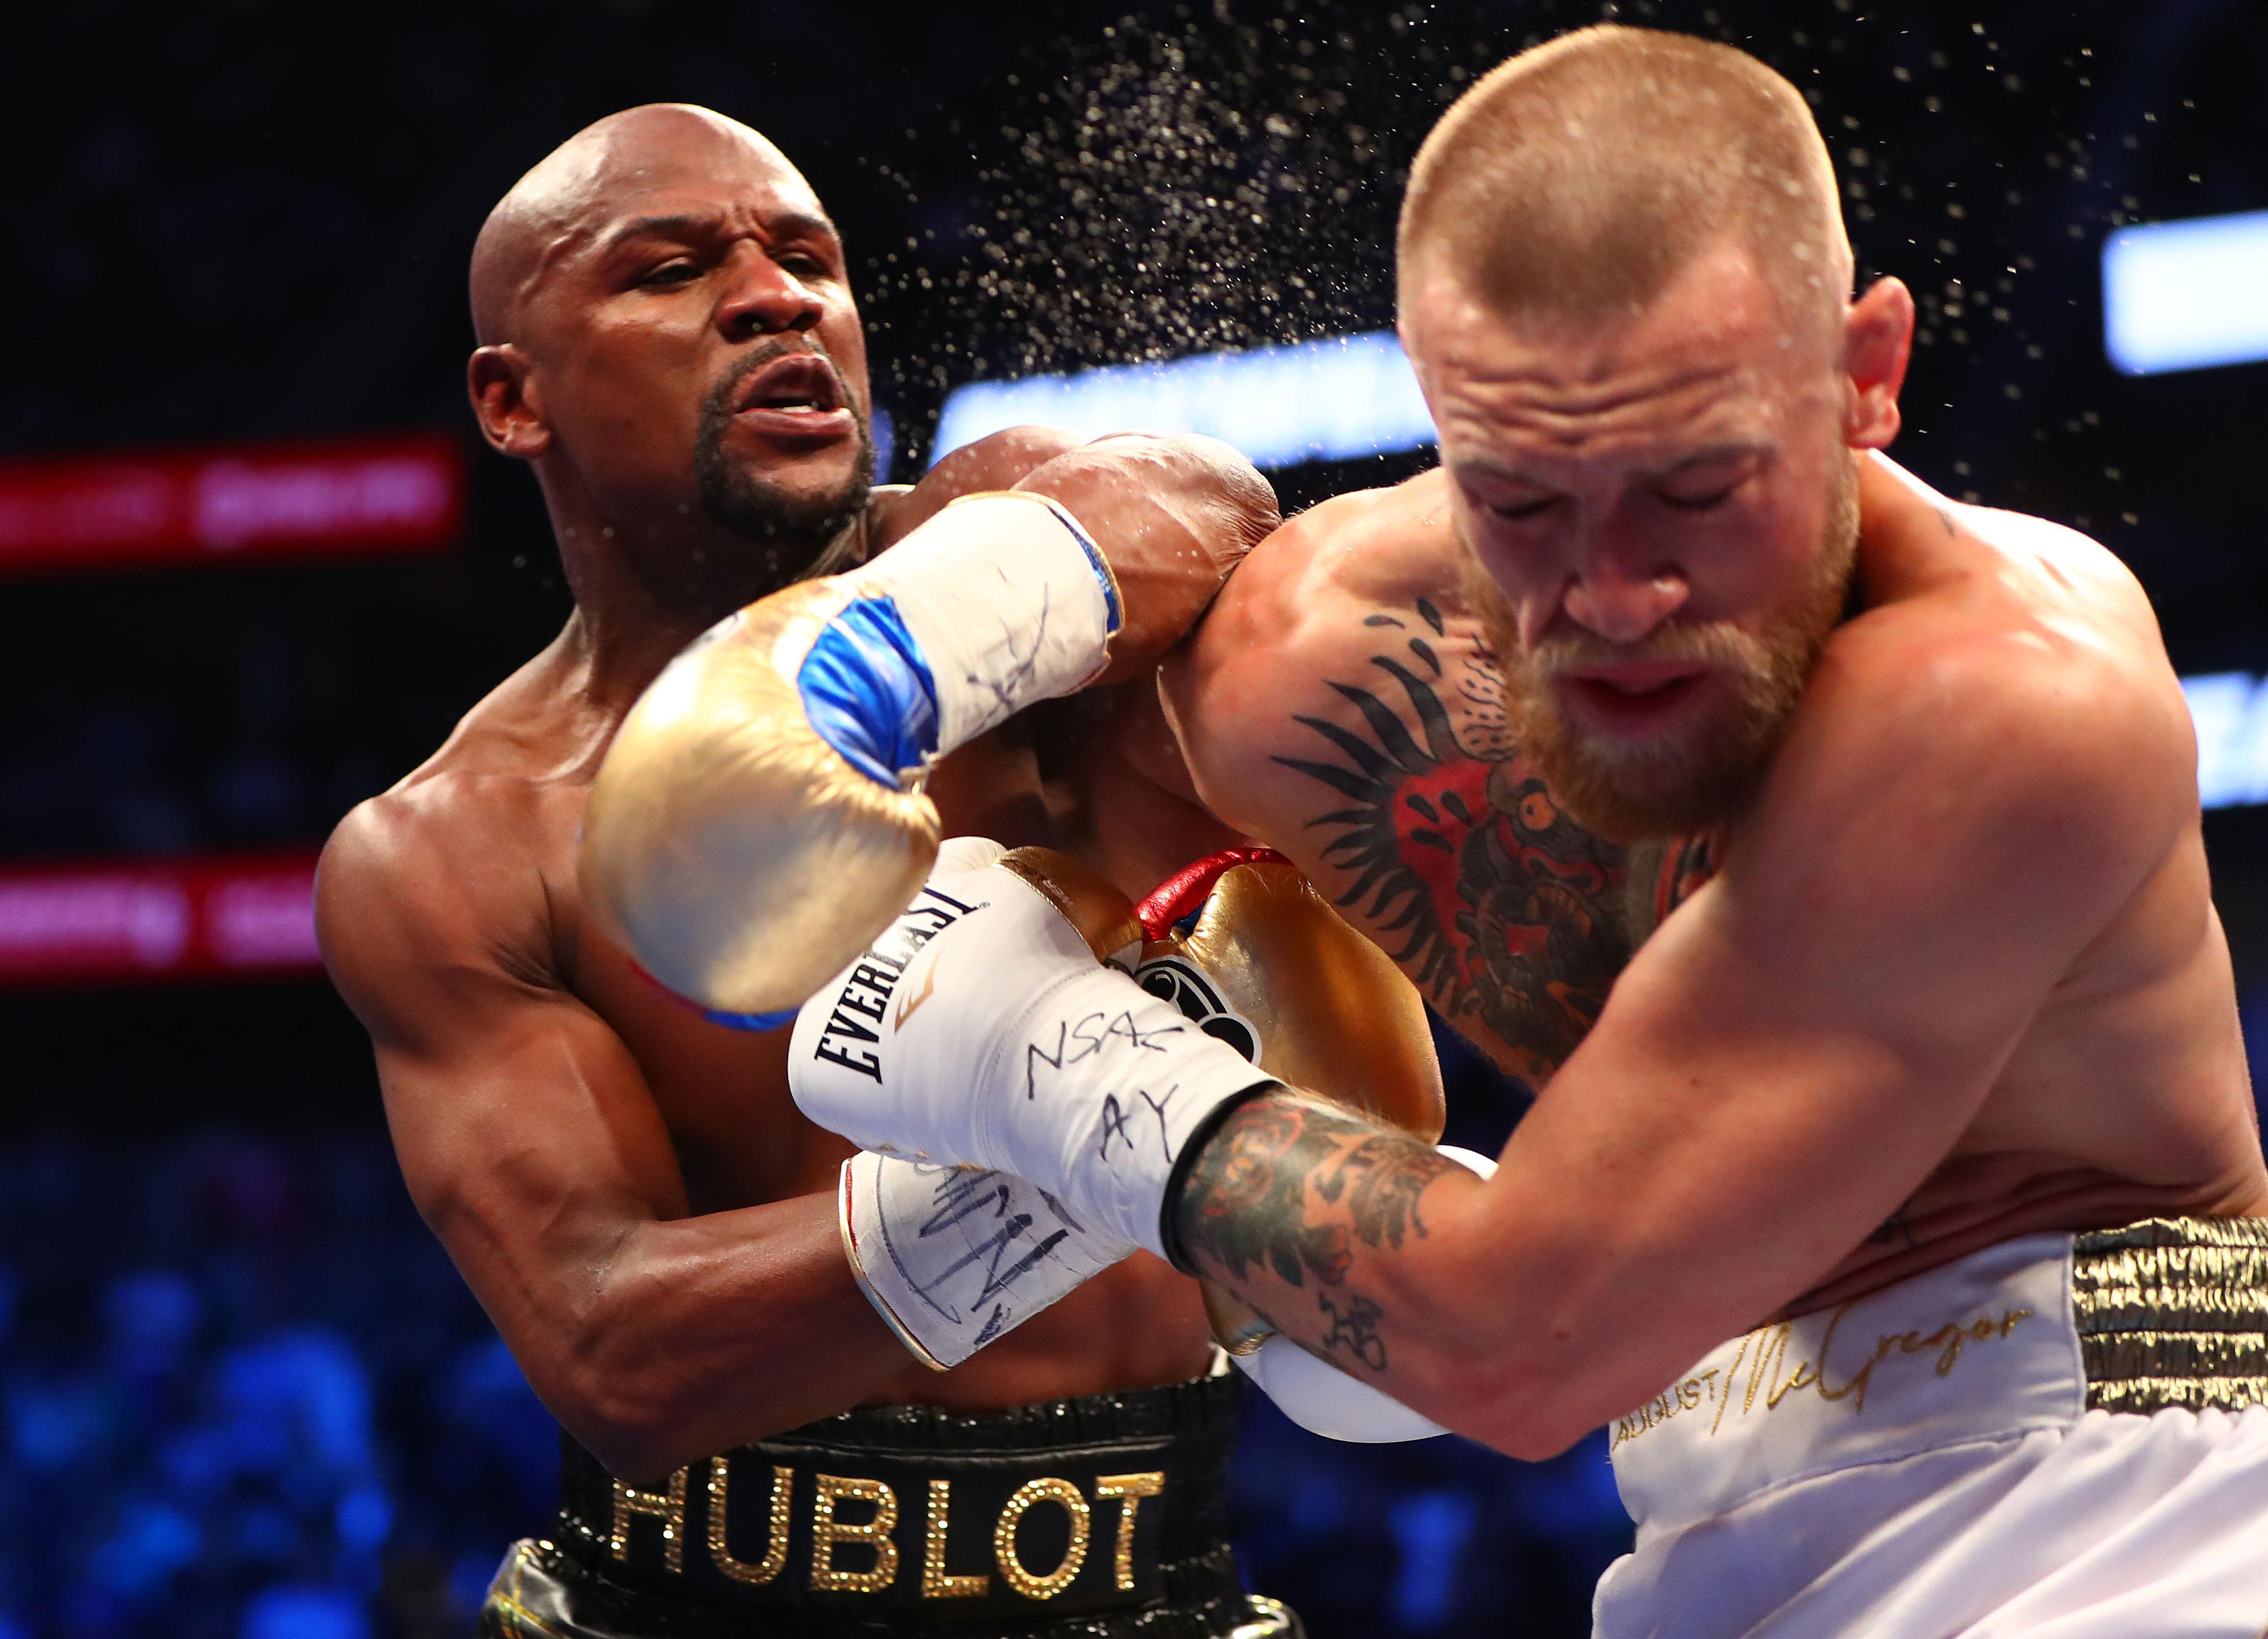 Conor McGregor: UFC superstar discusses retirement in frank interview